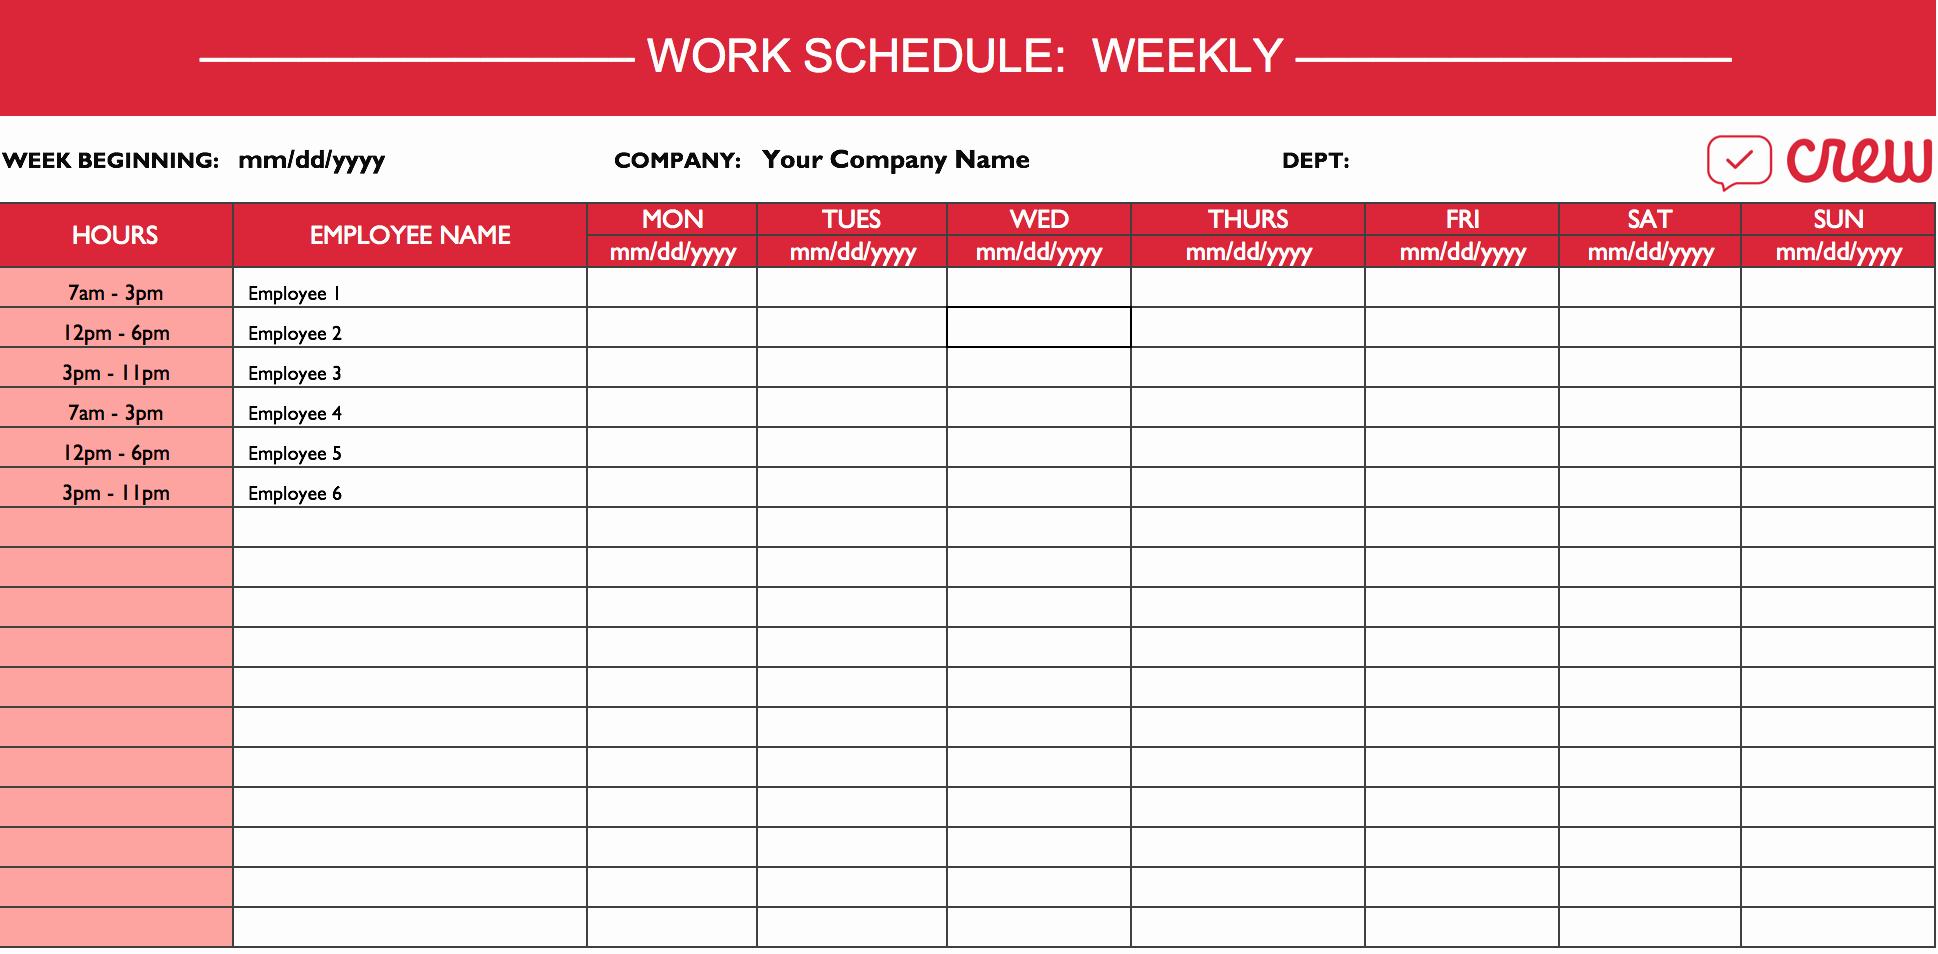 Employee Weekly Work Schedule Template Elegant Weekly Work Schedule Template I Crew